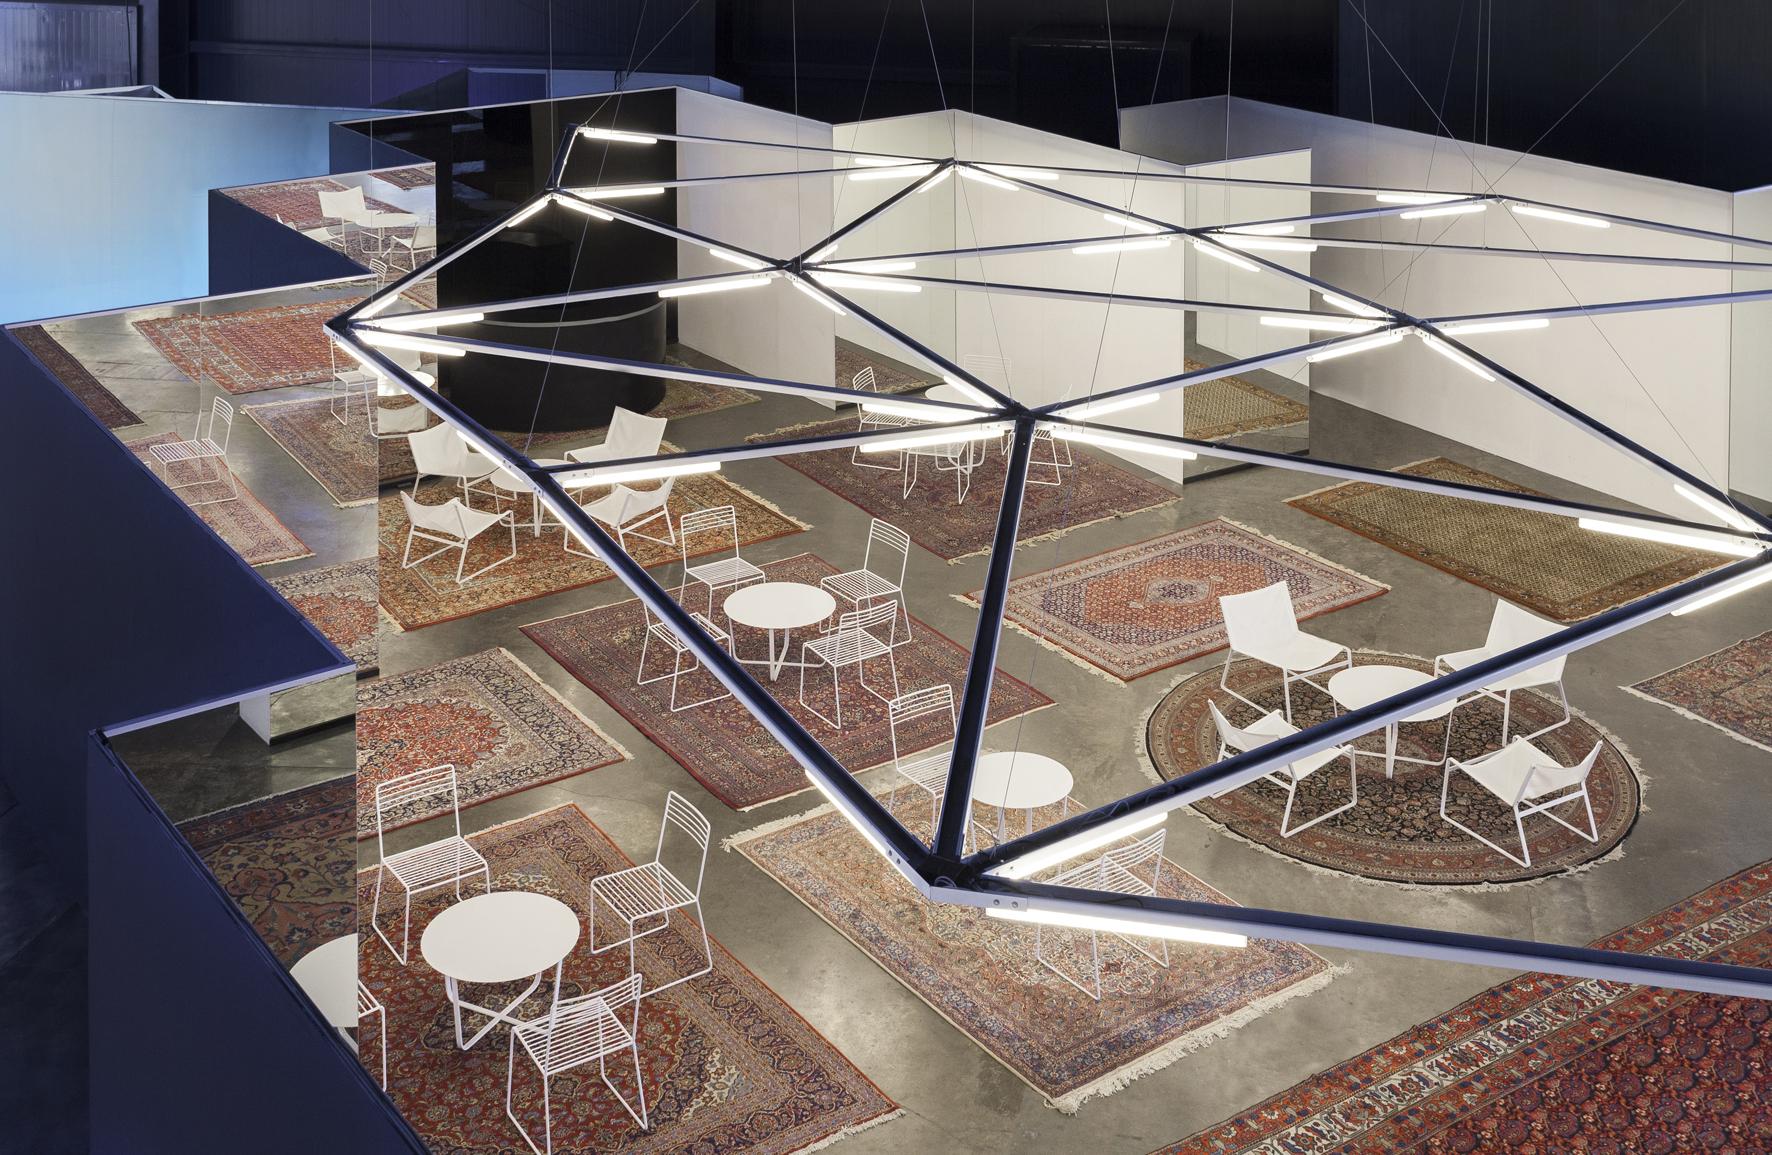 Adamo Faiden proyecta una instalación lumínica para arteBA 2016 en Buenos Aires